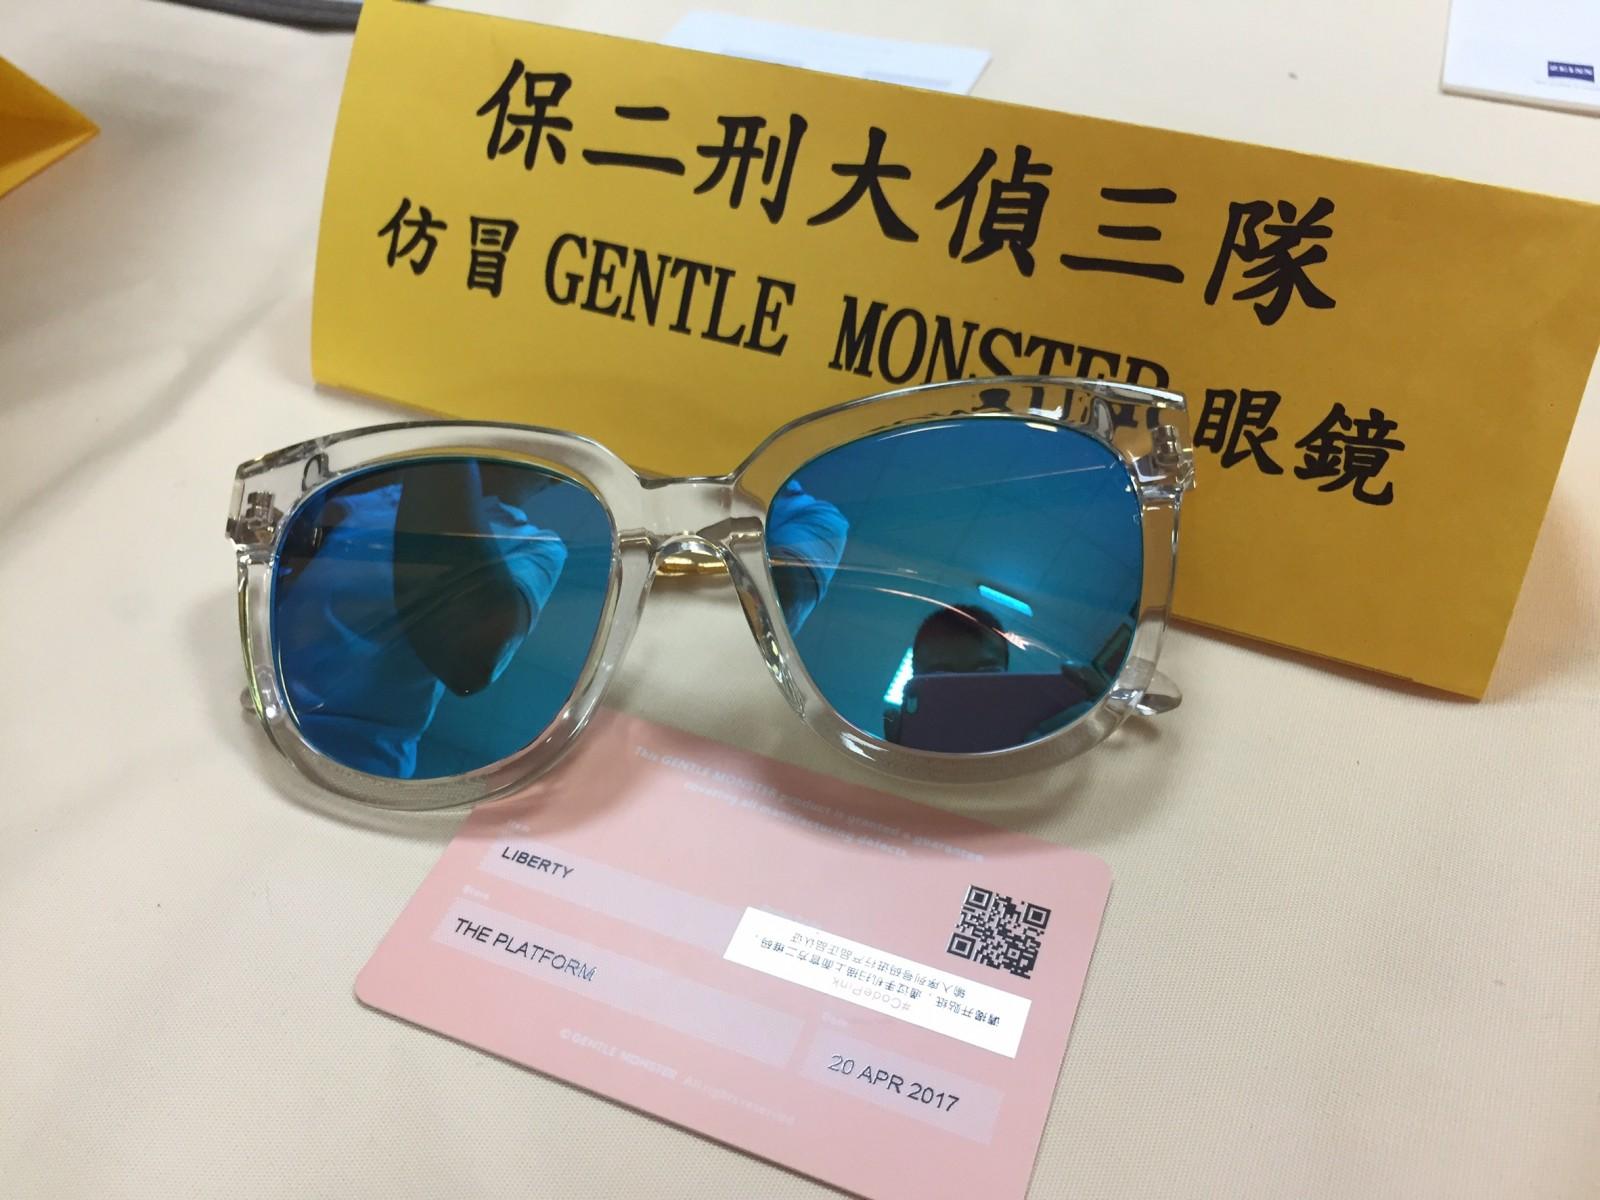 全智賢戴過》GENTLE MONSTER墨鏡 假的啦!